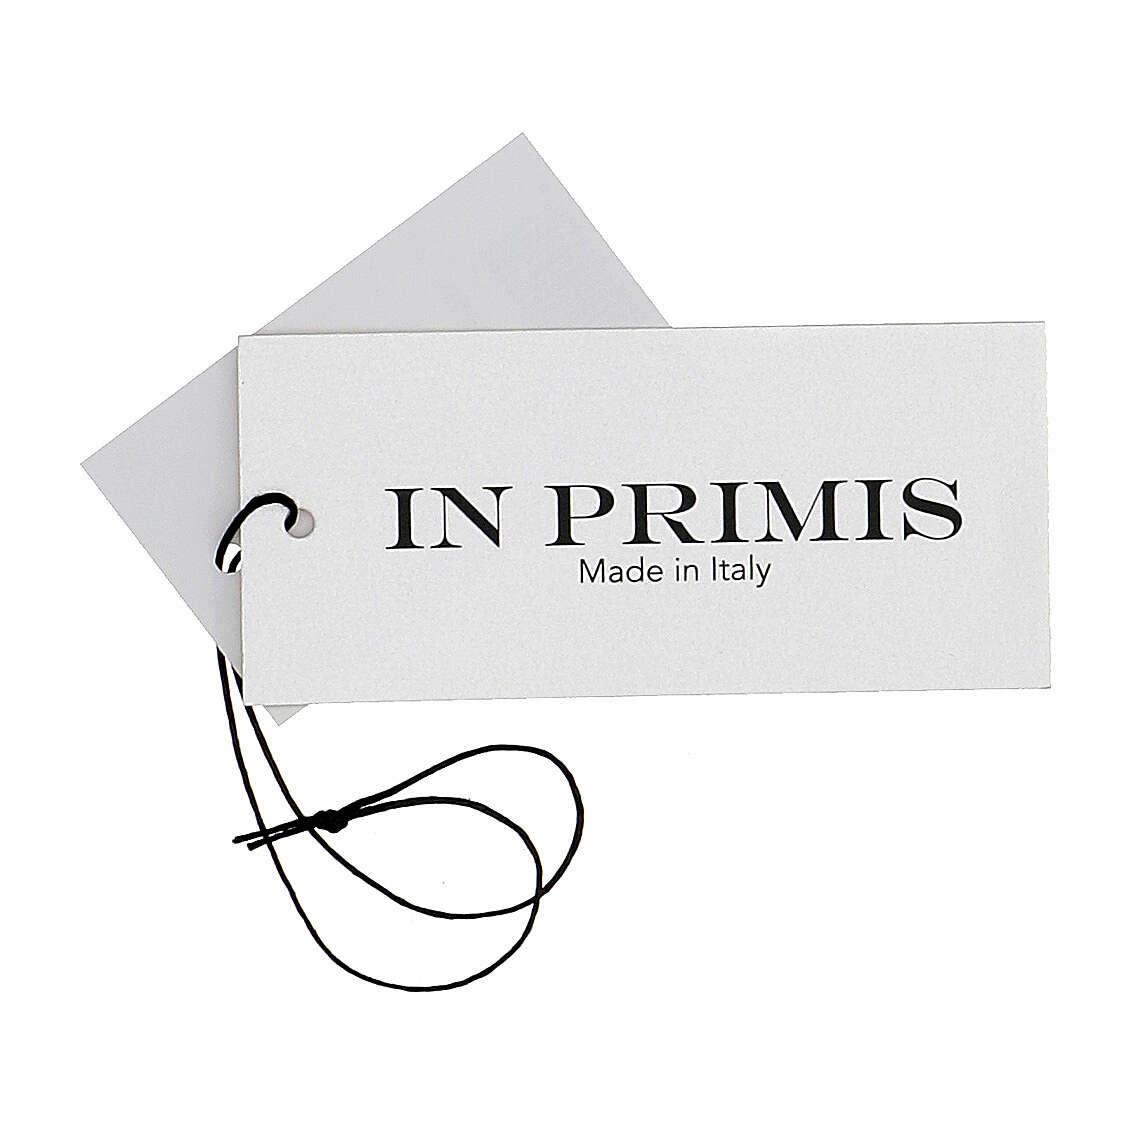 kurze Damen-Weste, perlgrau, mit V-Ausschnitt, 50% Acryl - 50% Merinowolle, In Primis 4